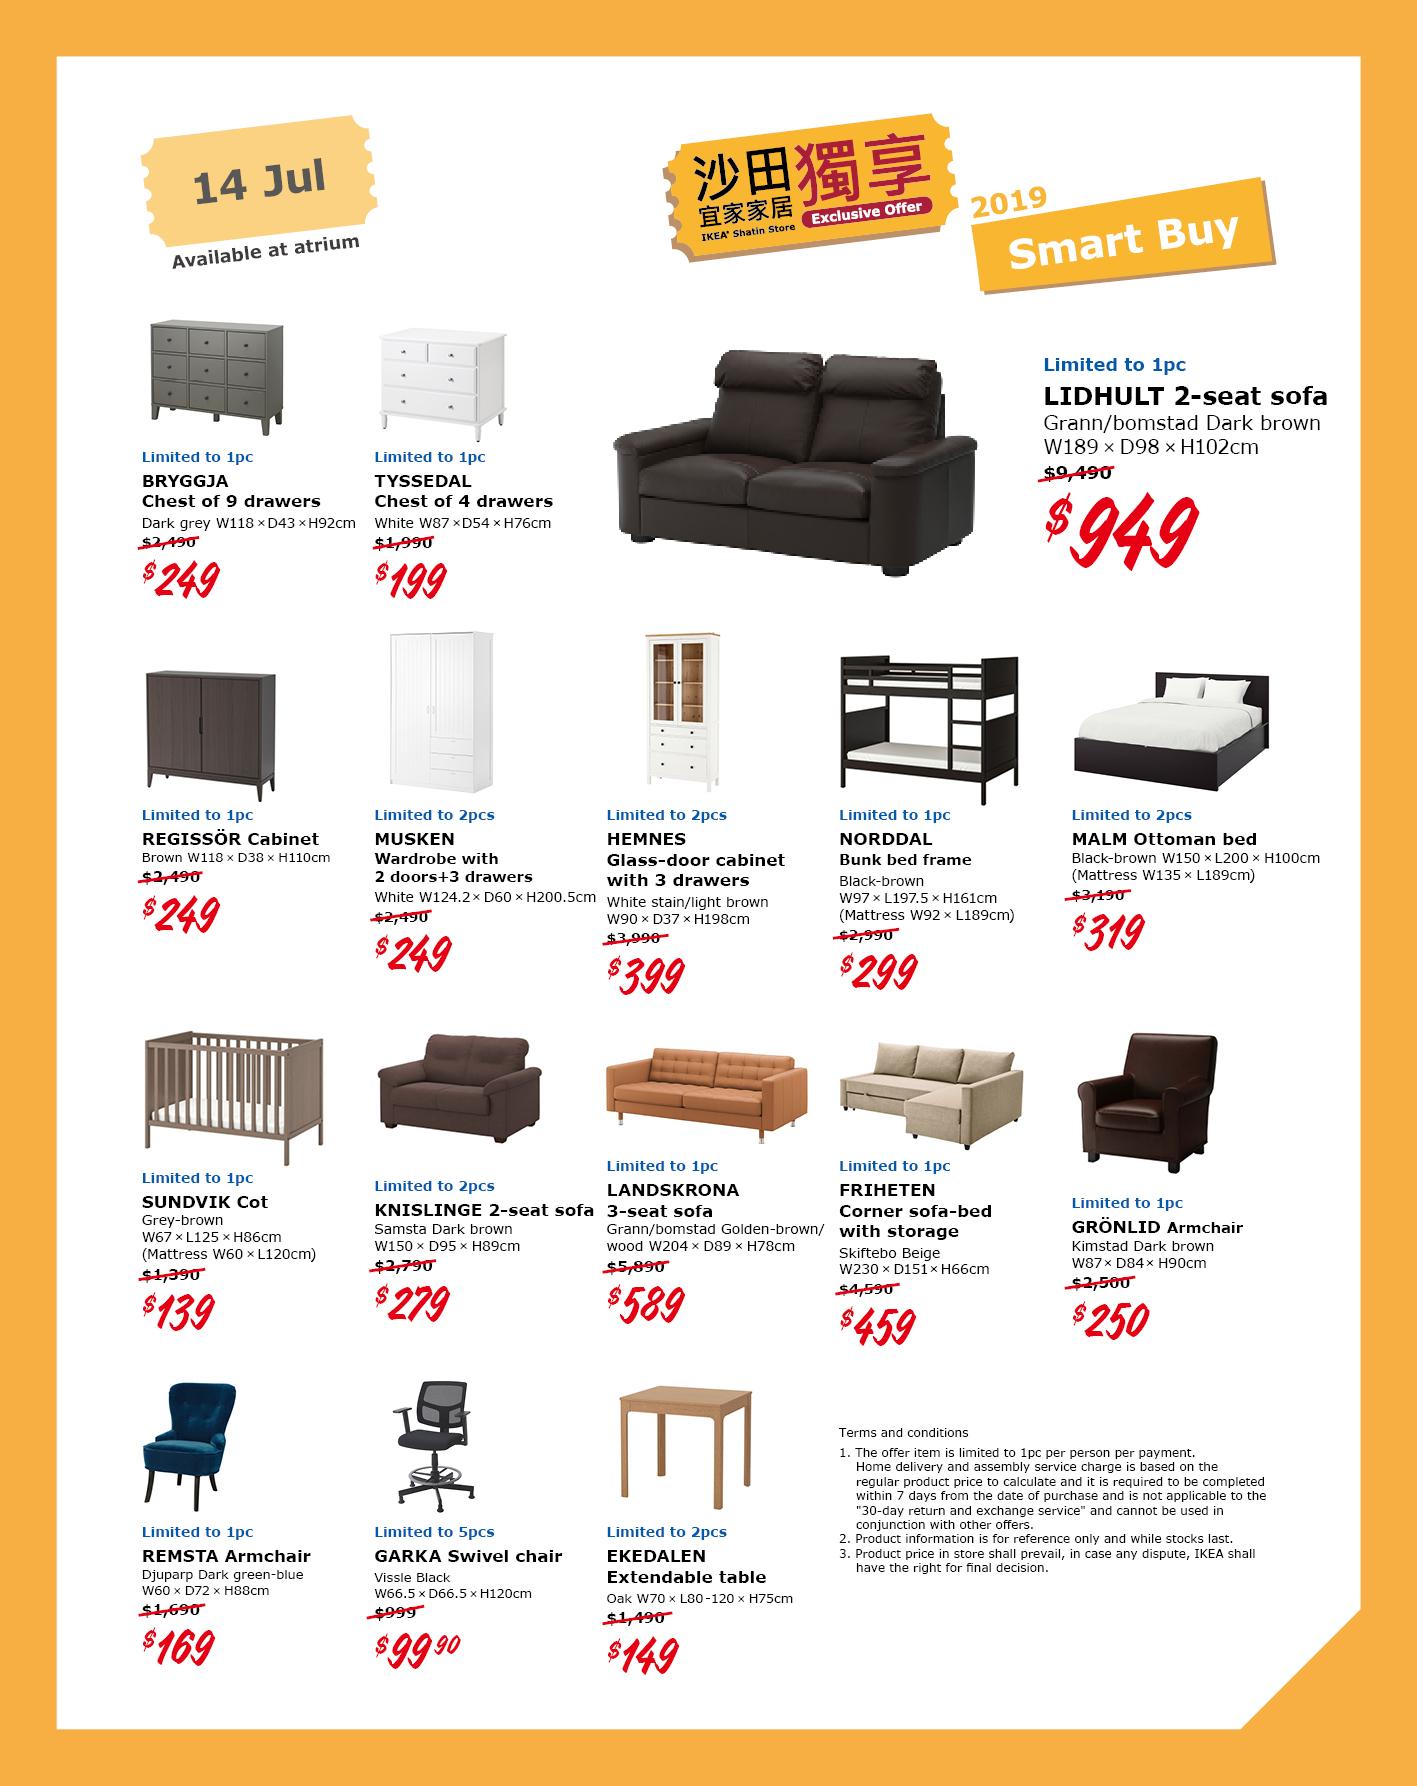 ikea-shatin-smart-buy-weeks-0714